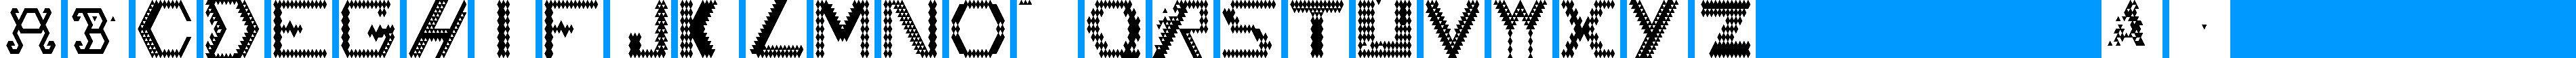 Particip-a-type v.173